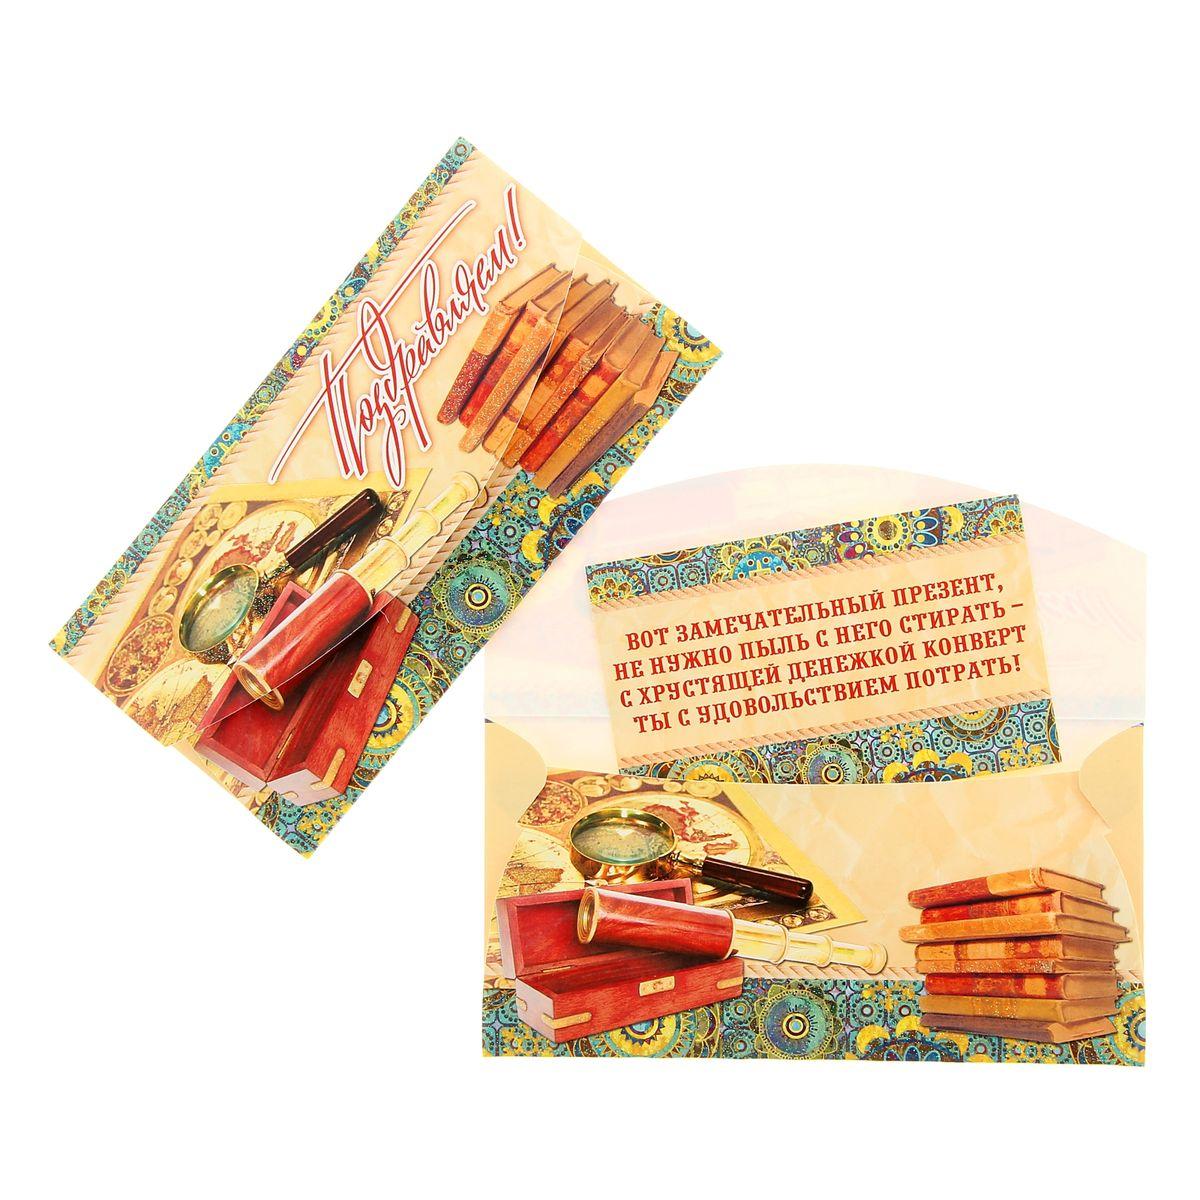 Конверт для денег Поздравляем!. 1028743C0038550Конверт для денег Поздравляем! выполнен из плотной бумаги и украшен яркой картинкой. На отдельном вкладыше внутри открытки - поздравительные строки: Вот замечательный презент, Не нужно пыль с него стирать -С хрустящей денежкой конвертТы с удовольствием потрать!Это необычная красивая одежка для денежного подарка, а также отличная возможность сделать его более праздничным и создать прекрасное настроение!